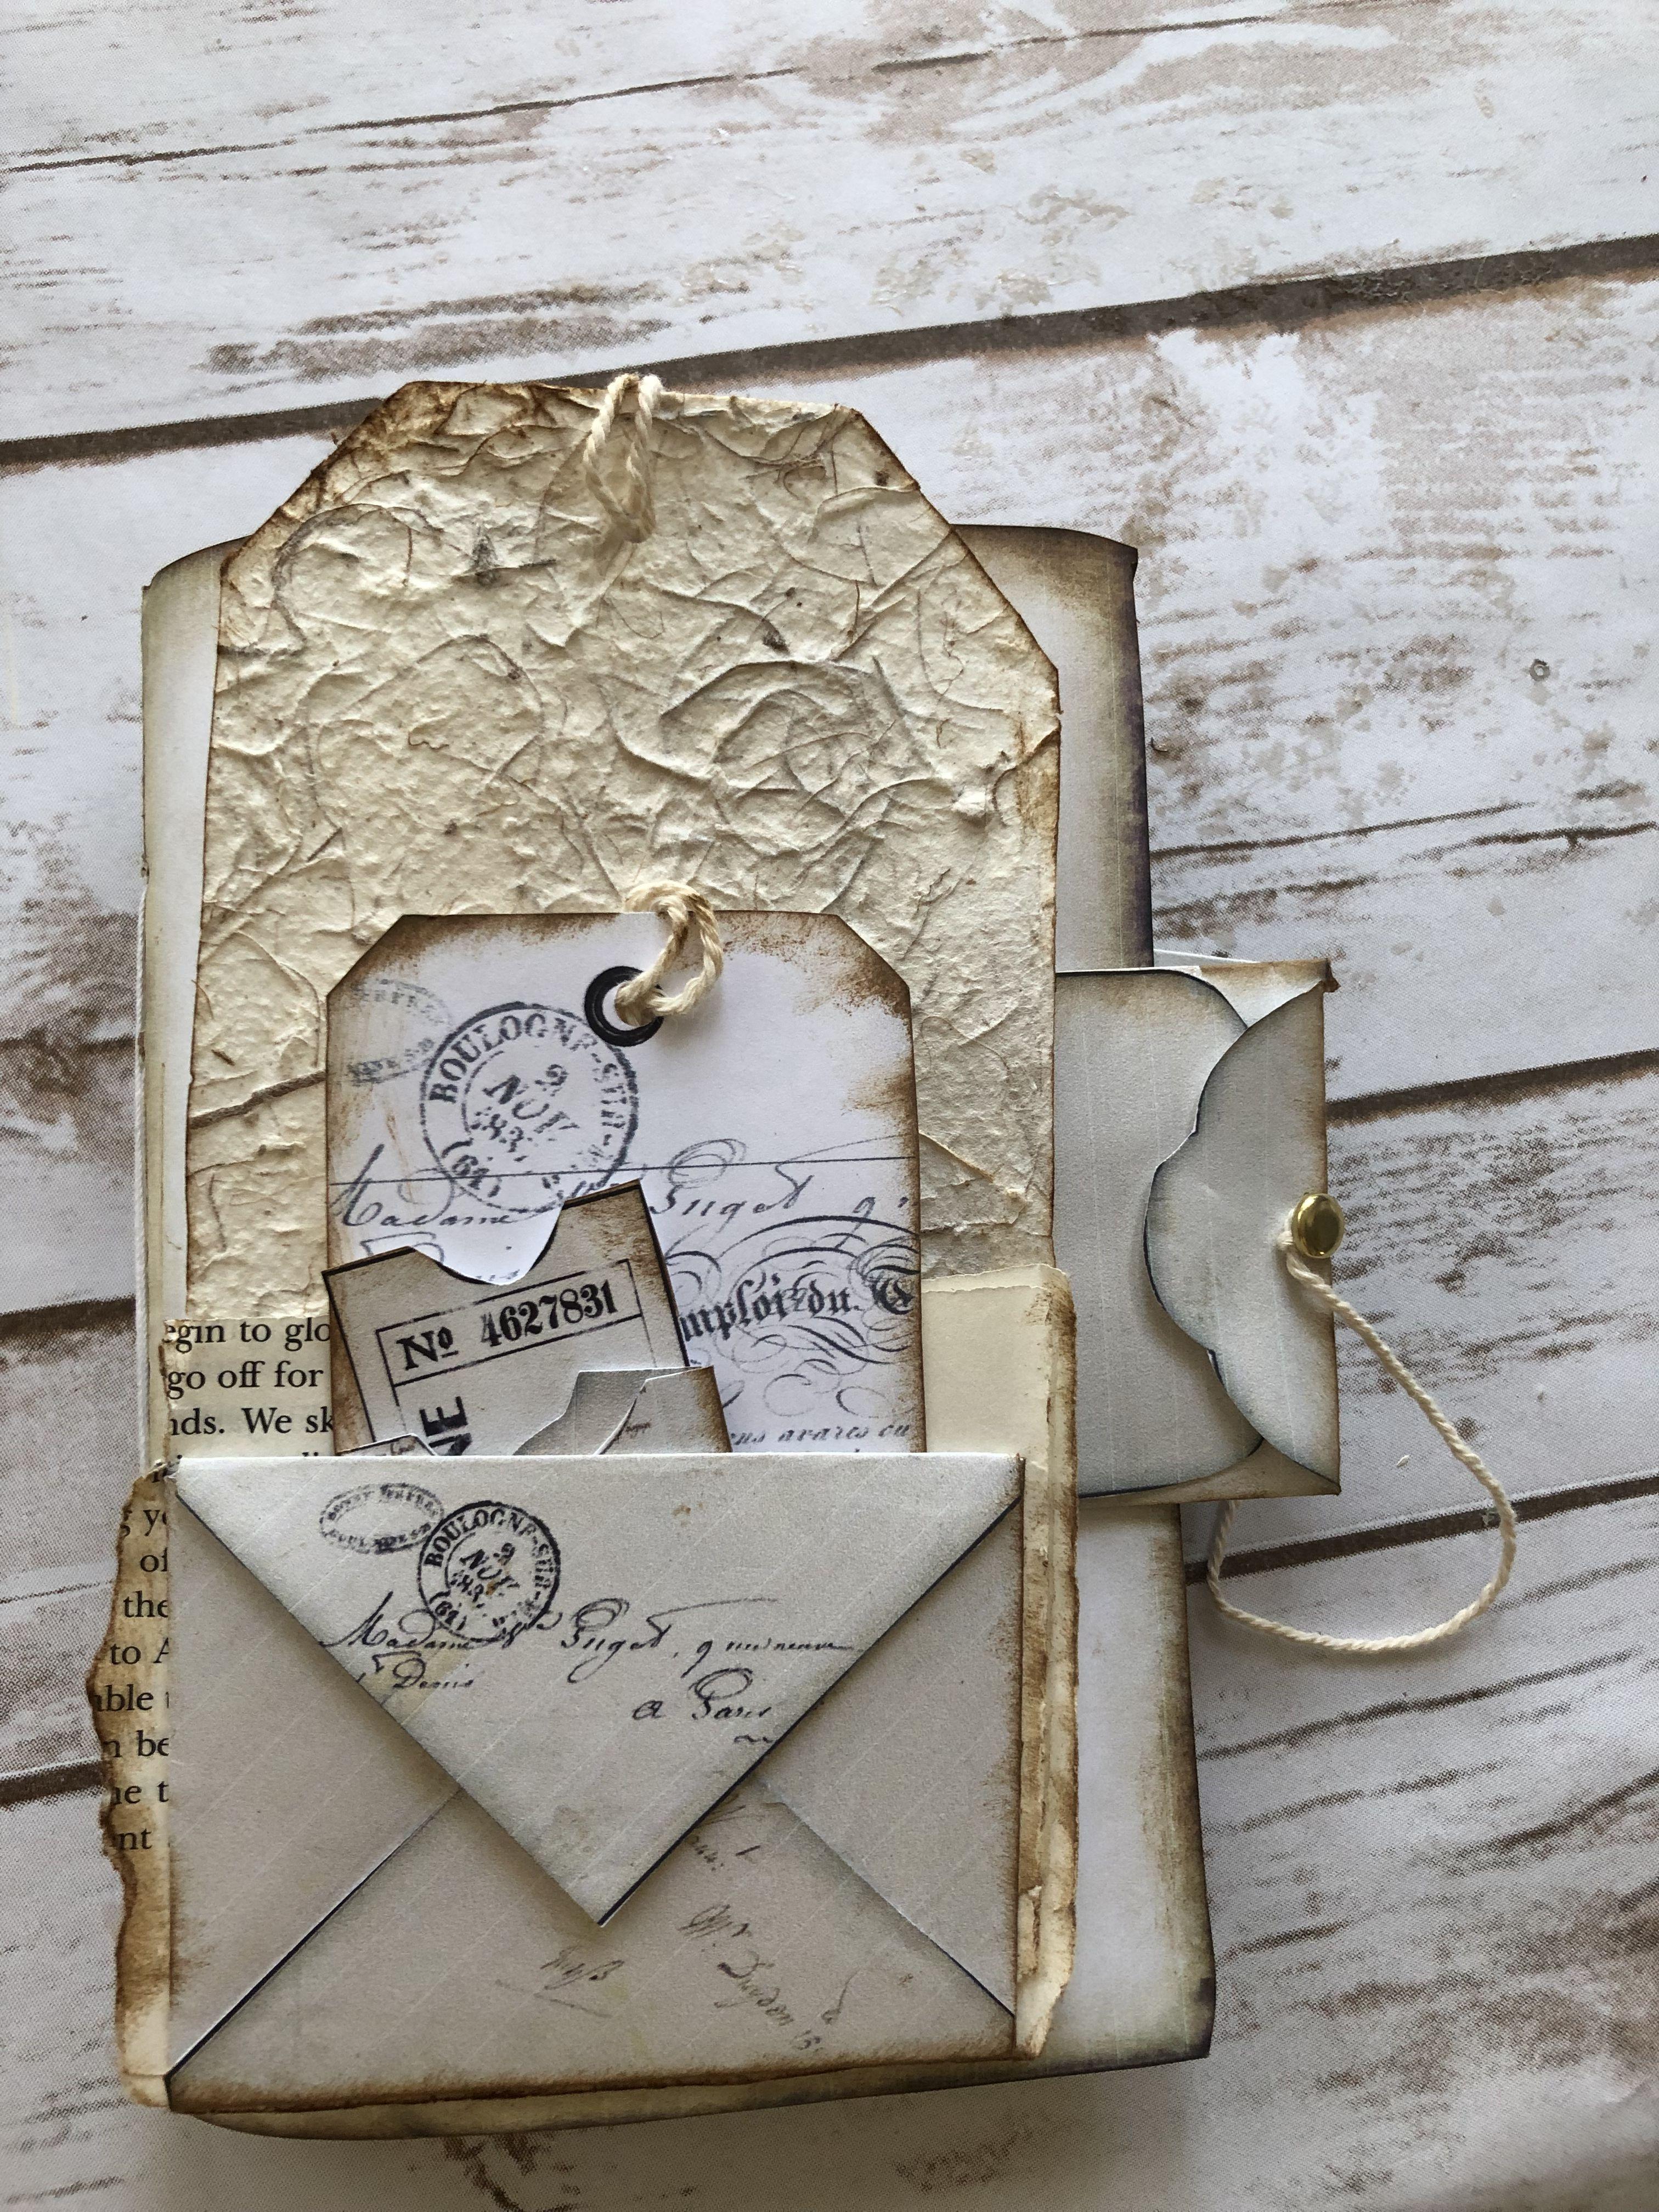 40 Off Easter Sale 2019 Ends 4 27 19 Vintage Junk Journal Handmade Journals Junk Journal